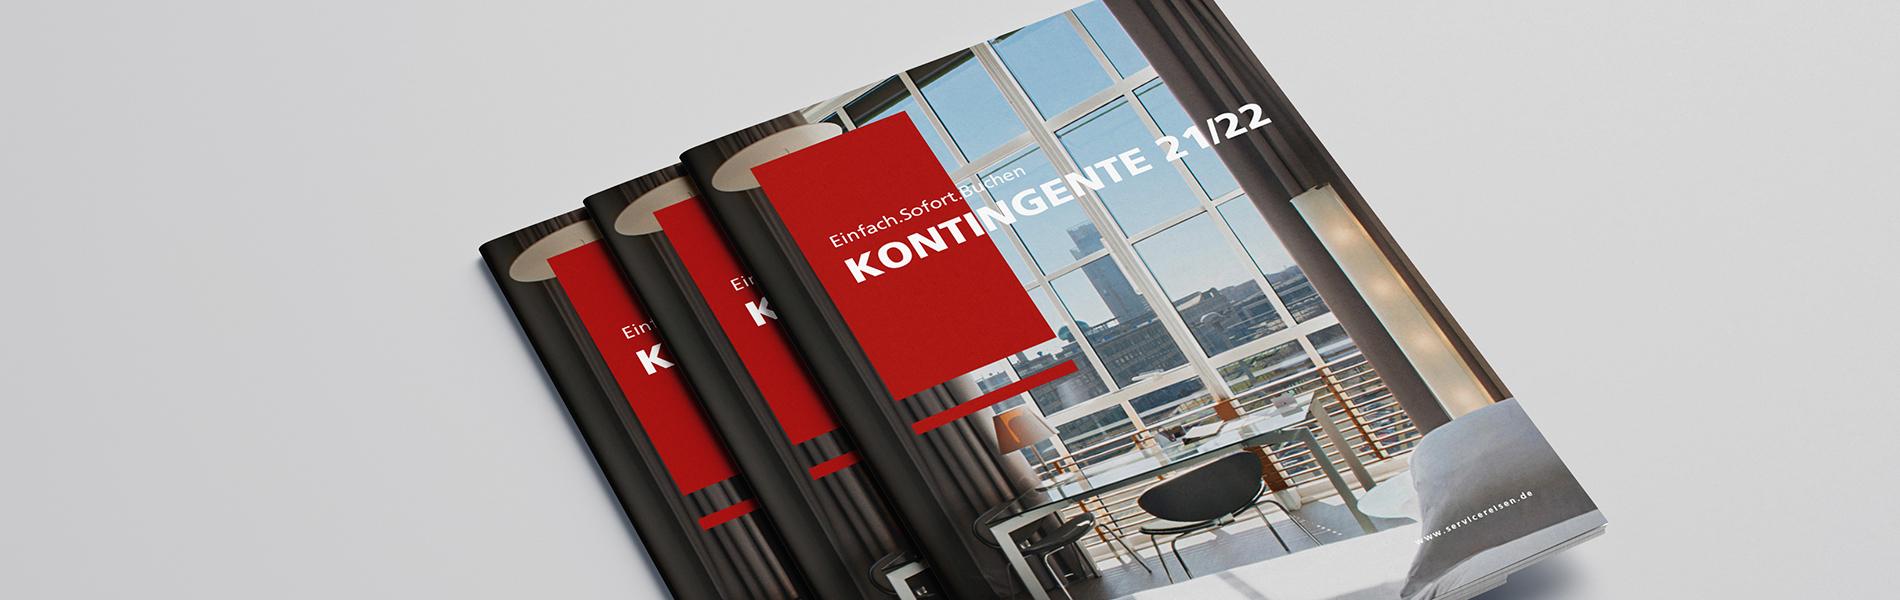 Mockup-Kontingente_21_22 Banner